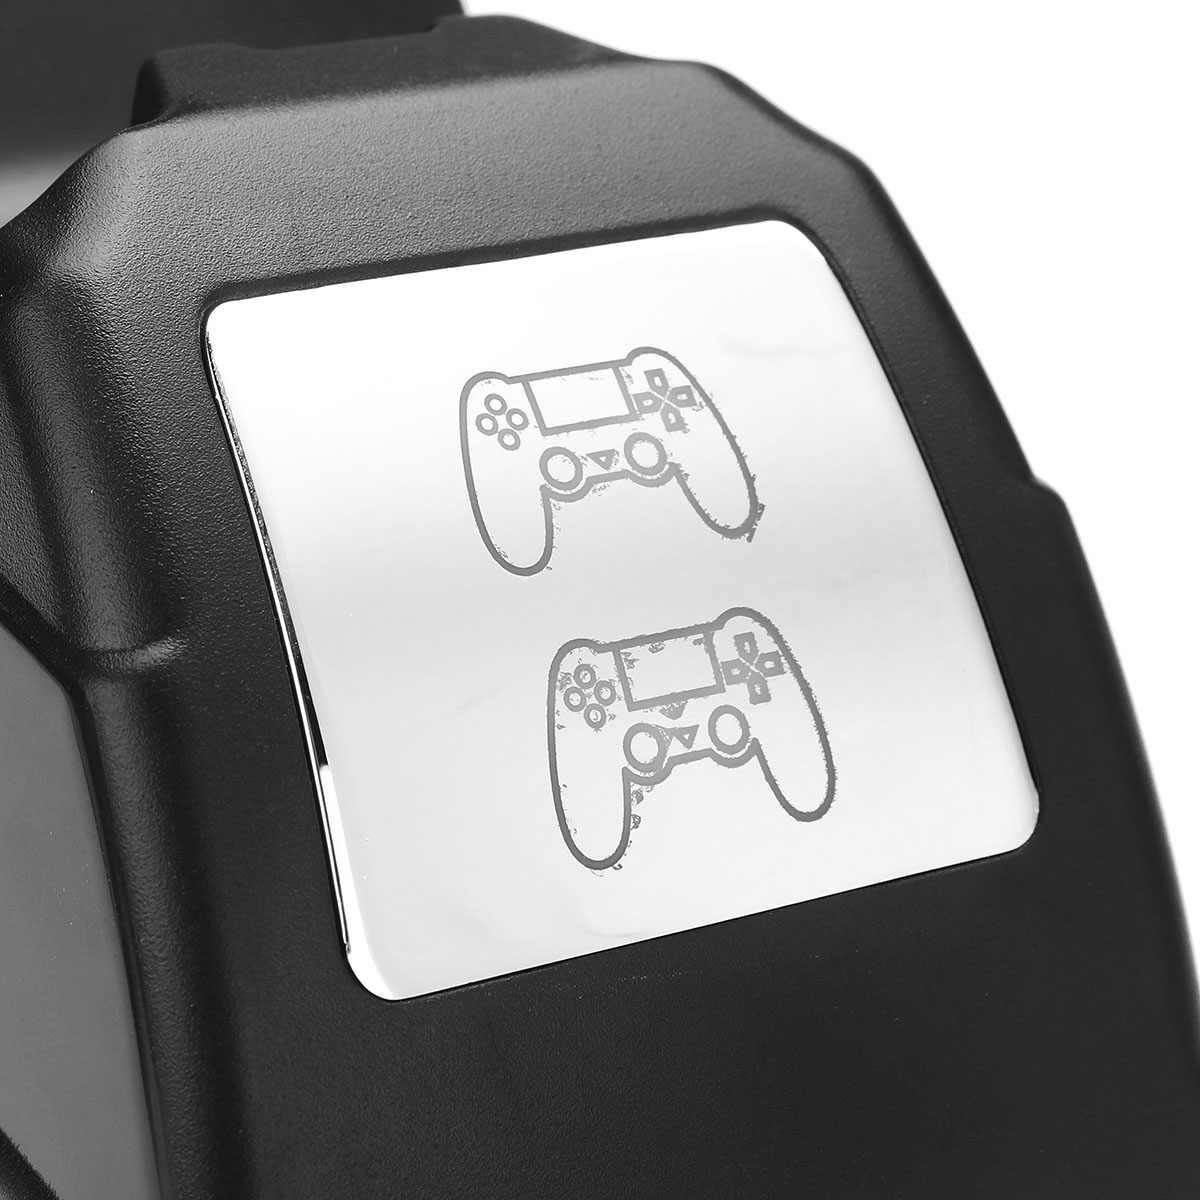 Led مزدوج اللاسلكية جهاز شحن تحكم وحدة شاحن سريع قوس جسر شكل مقبض اللعبة شاحن ل PS4/برو/ضئيلة